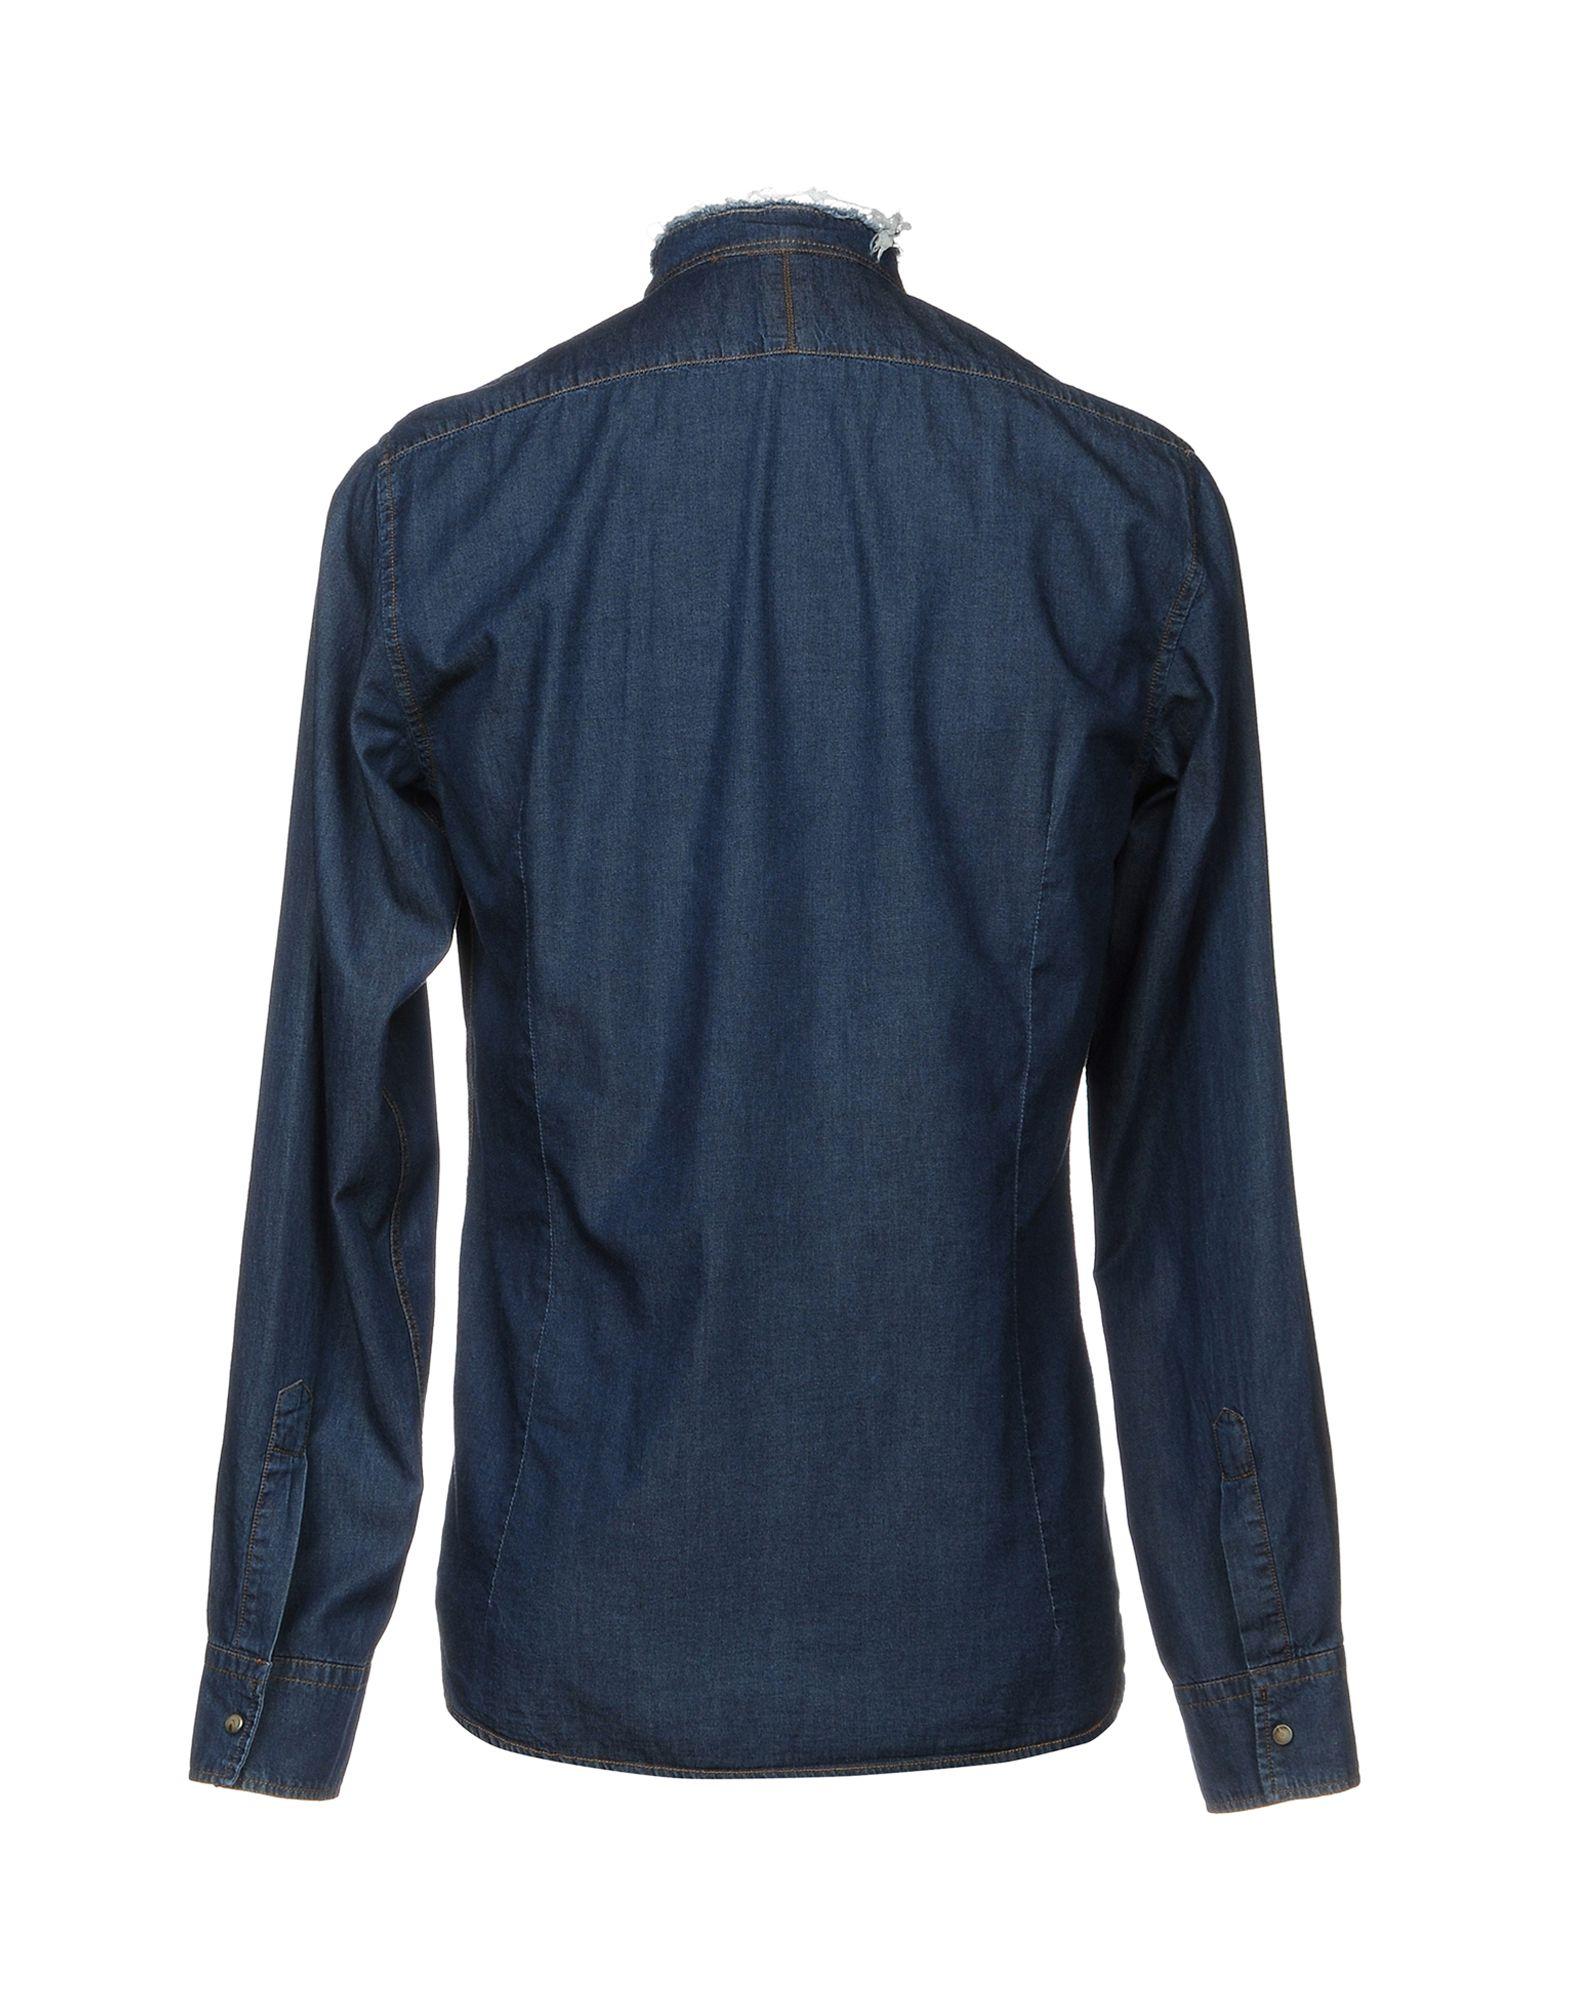 Camicia Jeans autentico Original Style Vintage Style Original Uomo - 42639463VI a2b888